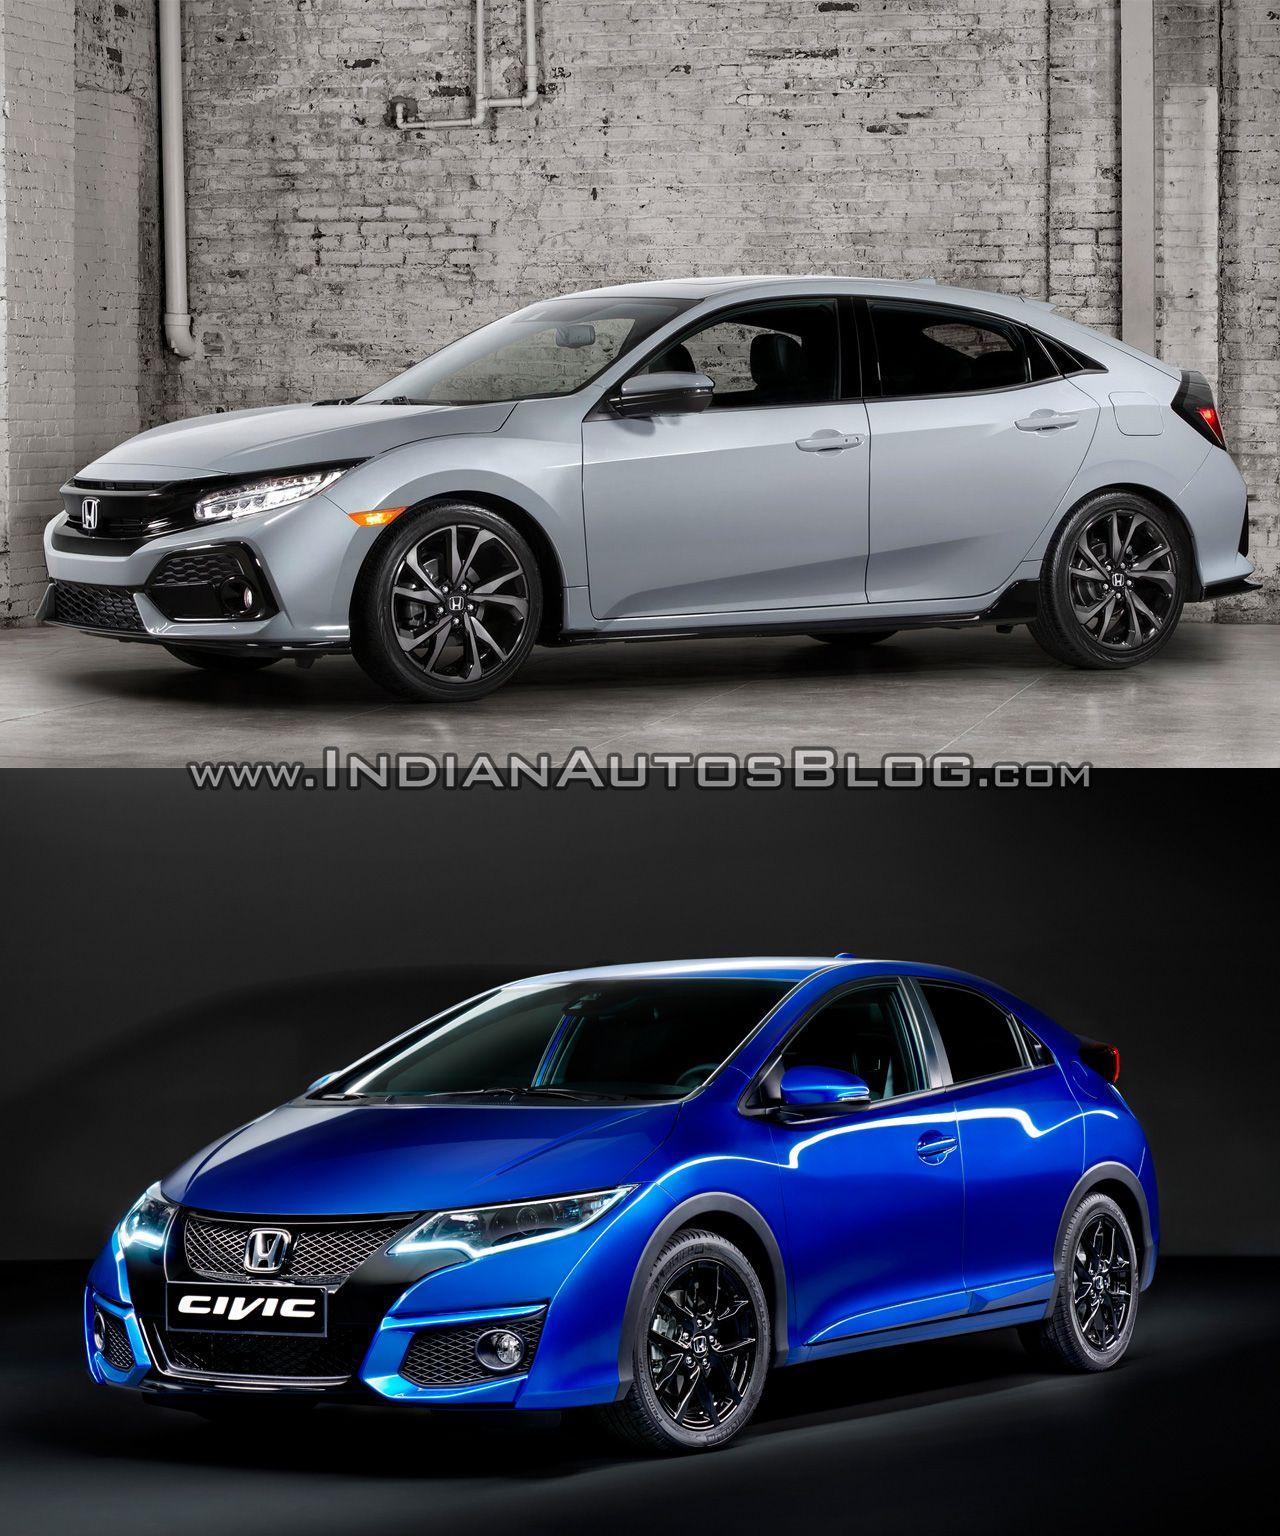 recap 2017 honda civic hatchback vs older model old vs new cars daily updated pinterest. Black Bedroom Furniture Sets. Home Design Ideas